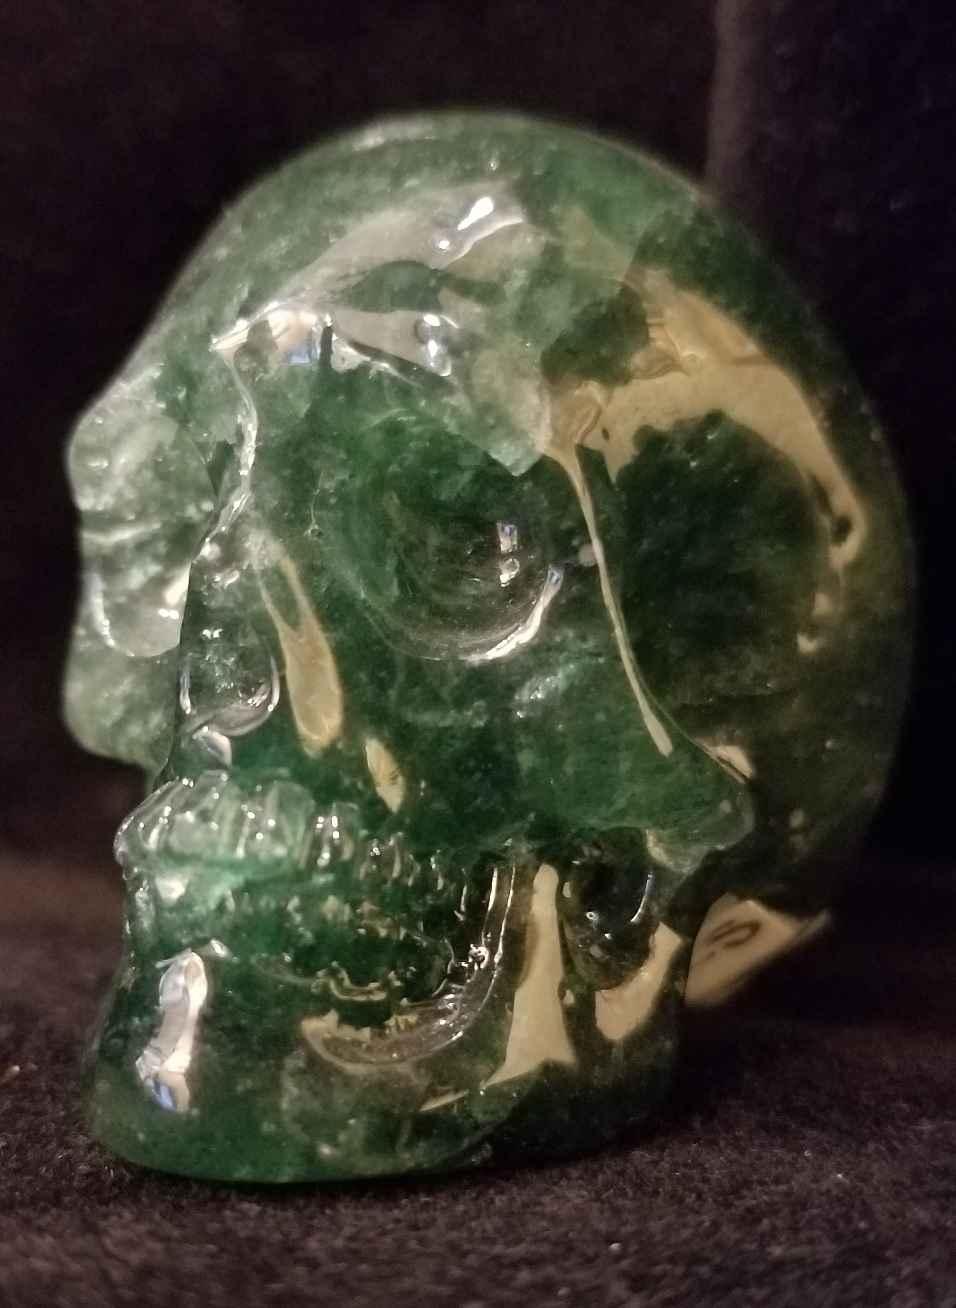 Emerald Quartz Skull by   Starborn - Masterpiece Online